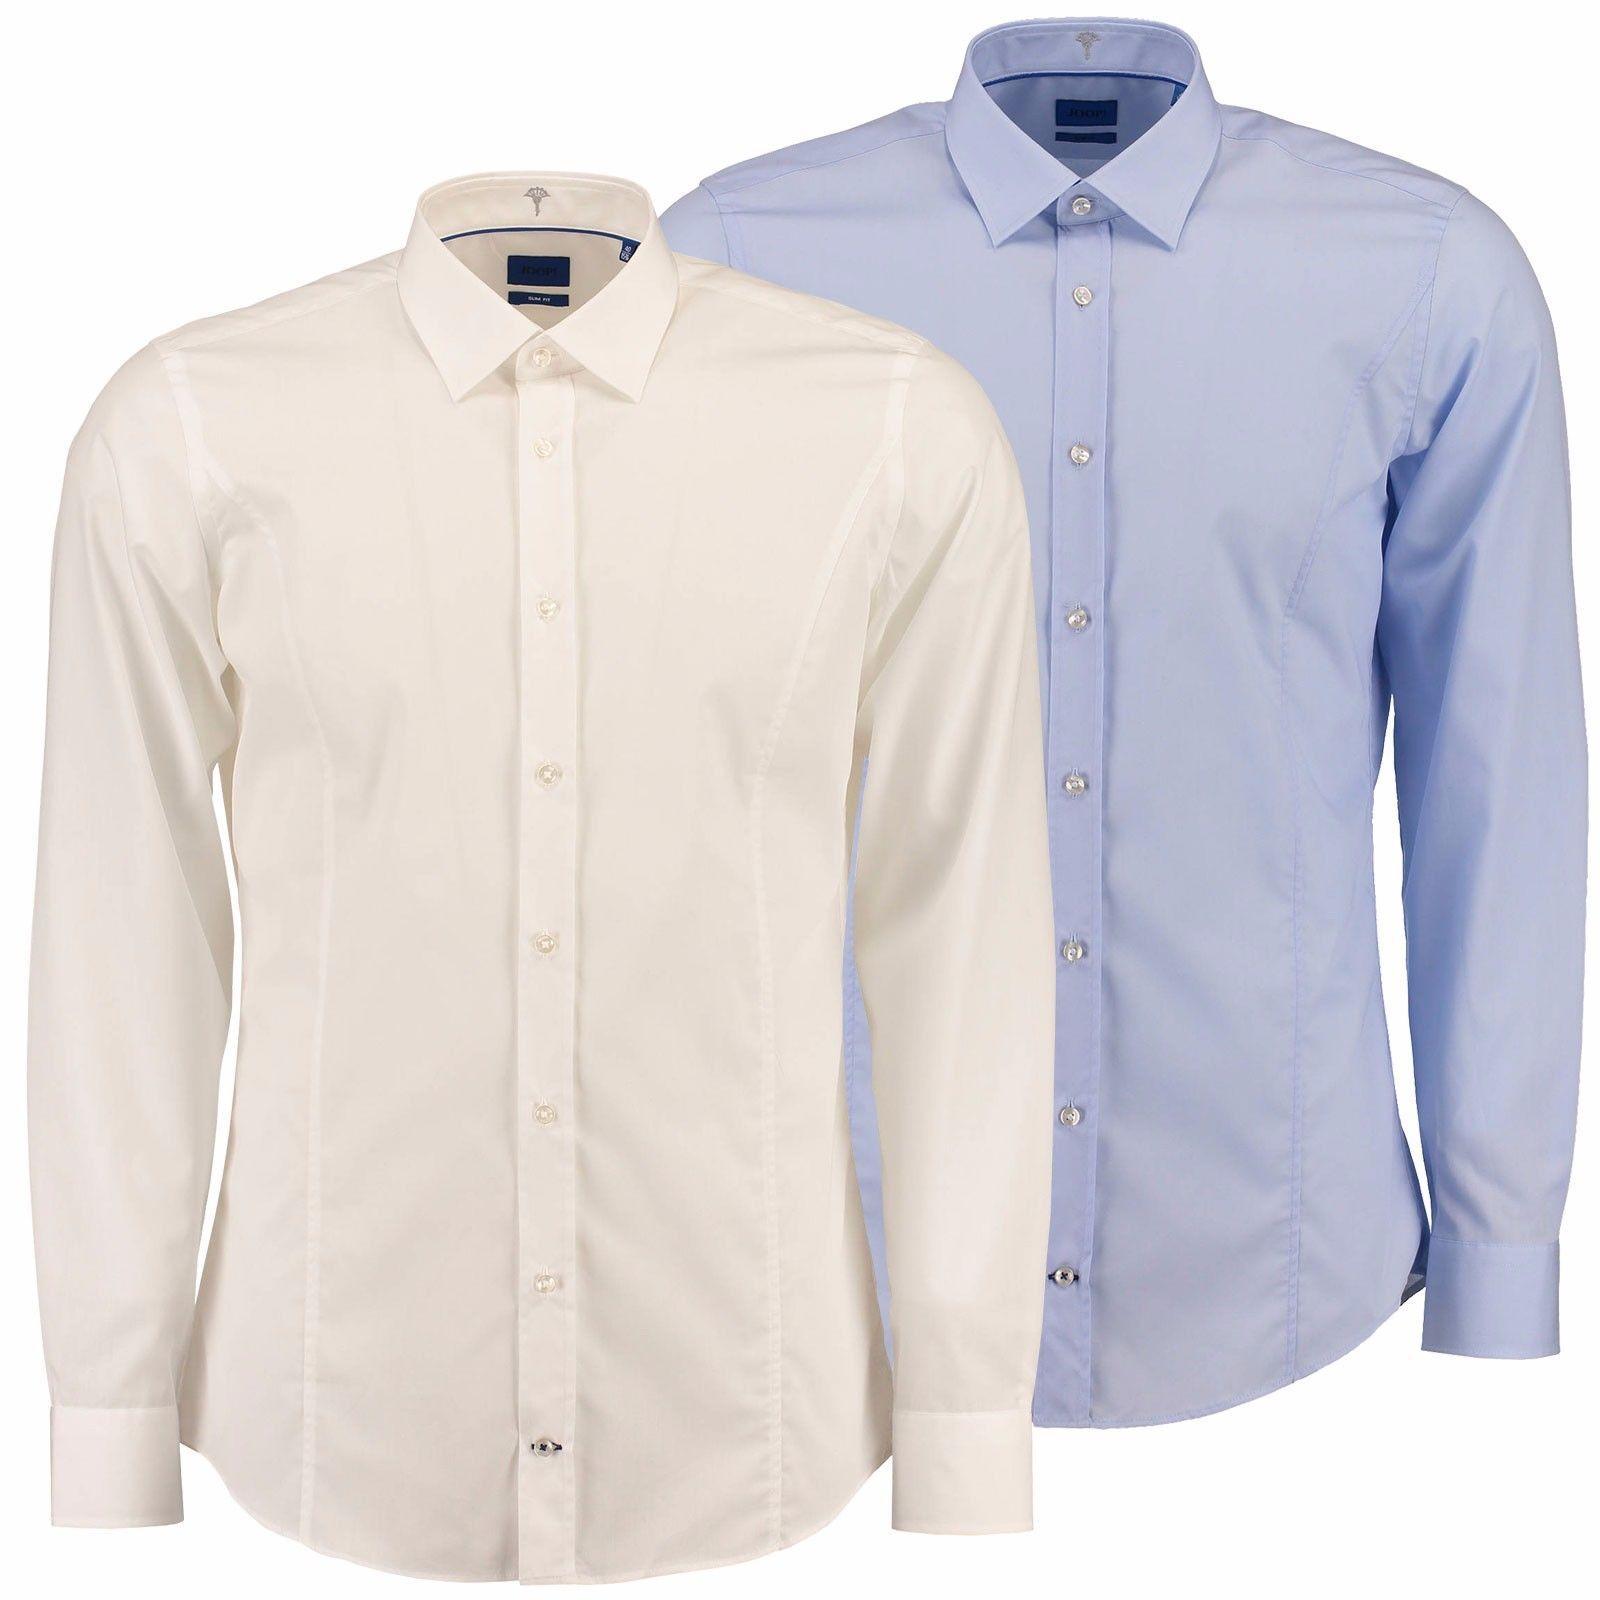 joop hemd Joop Hemden nur 35€ inkl. Versand (idealo 70€)